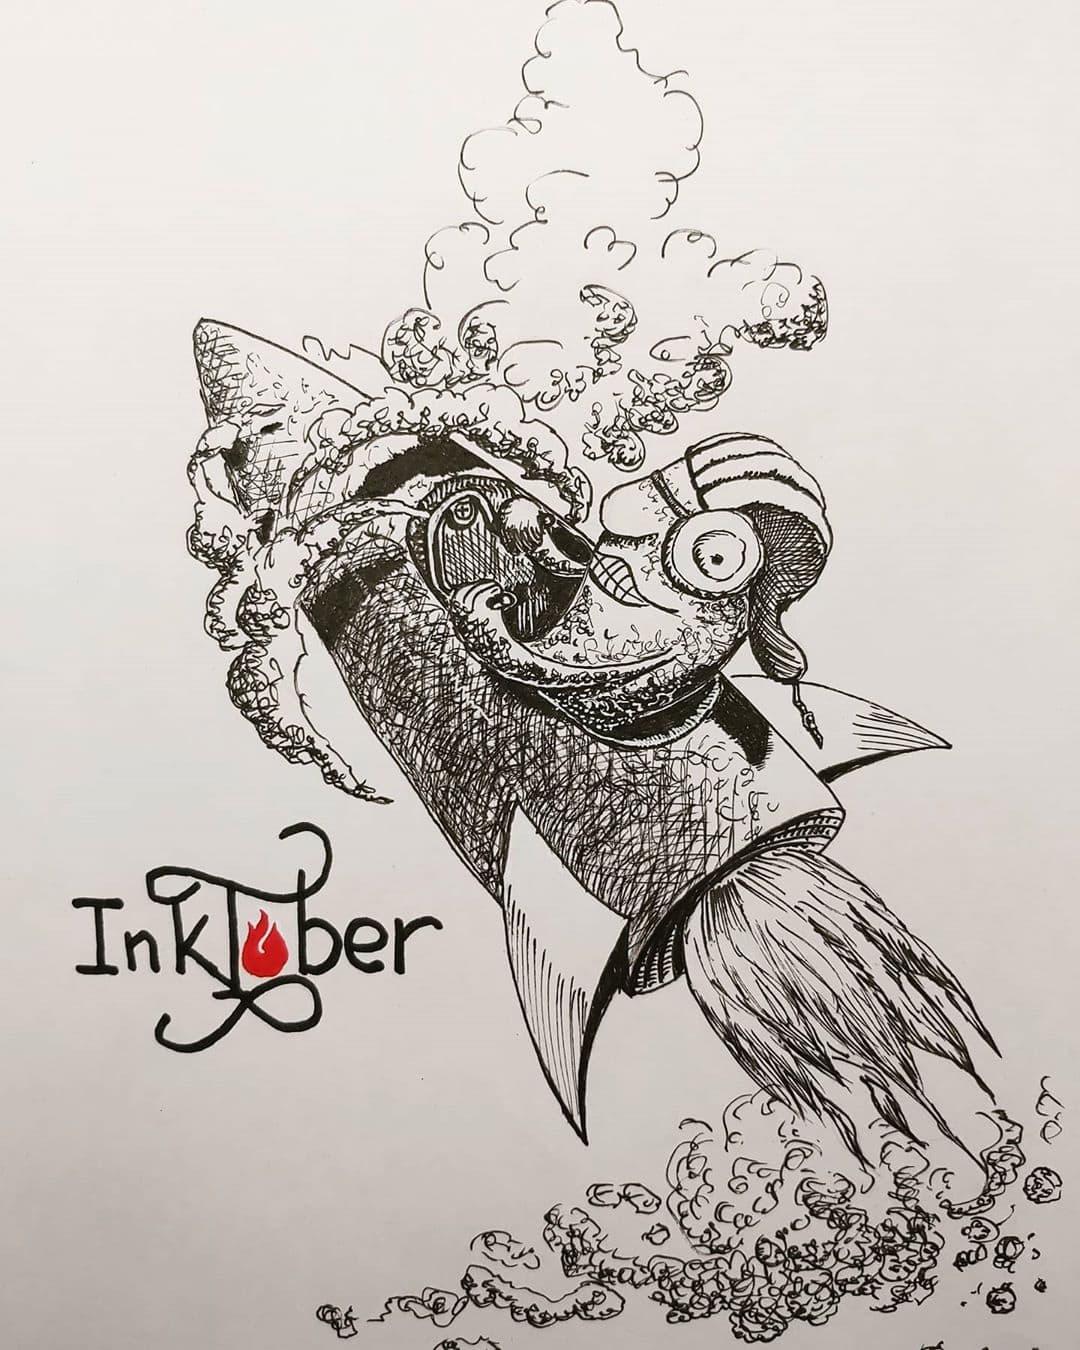 Inktober Wisp - _drbn_ln_